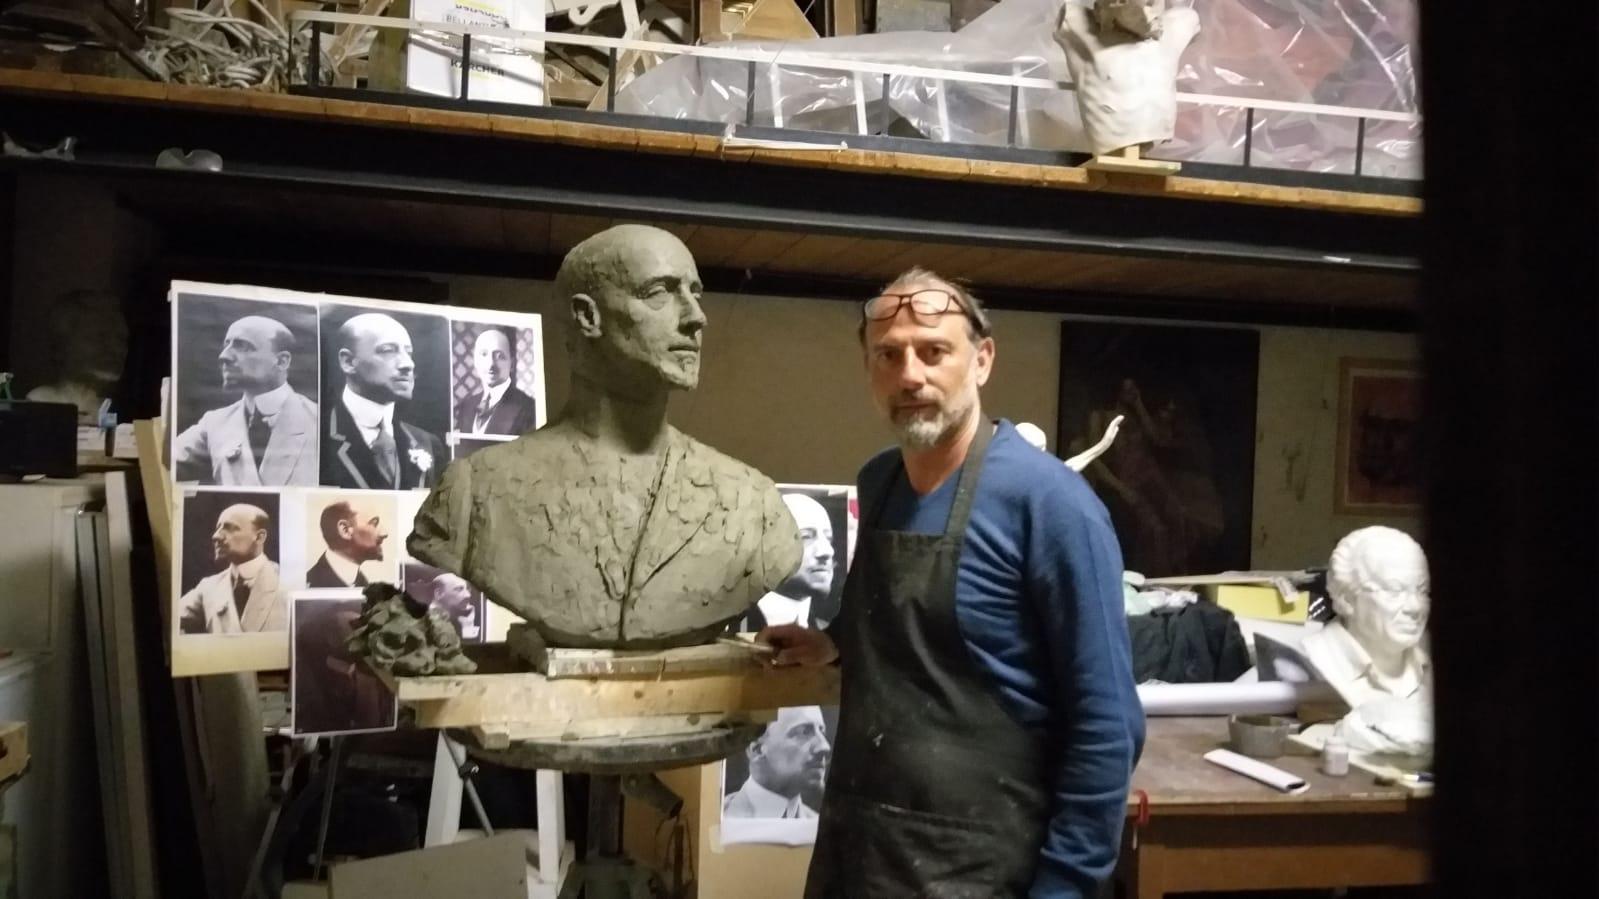 Versiliana, in preparazione il busto di Gabriele d'Annunzio e la Fondazione lavora per ripartire